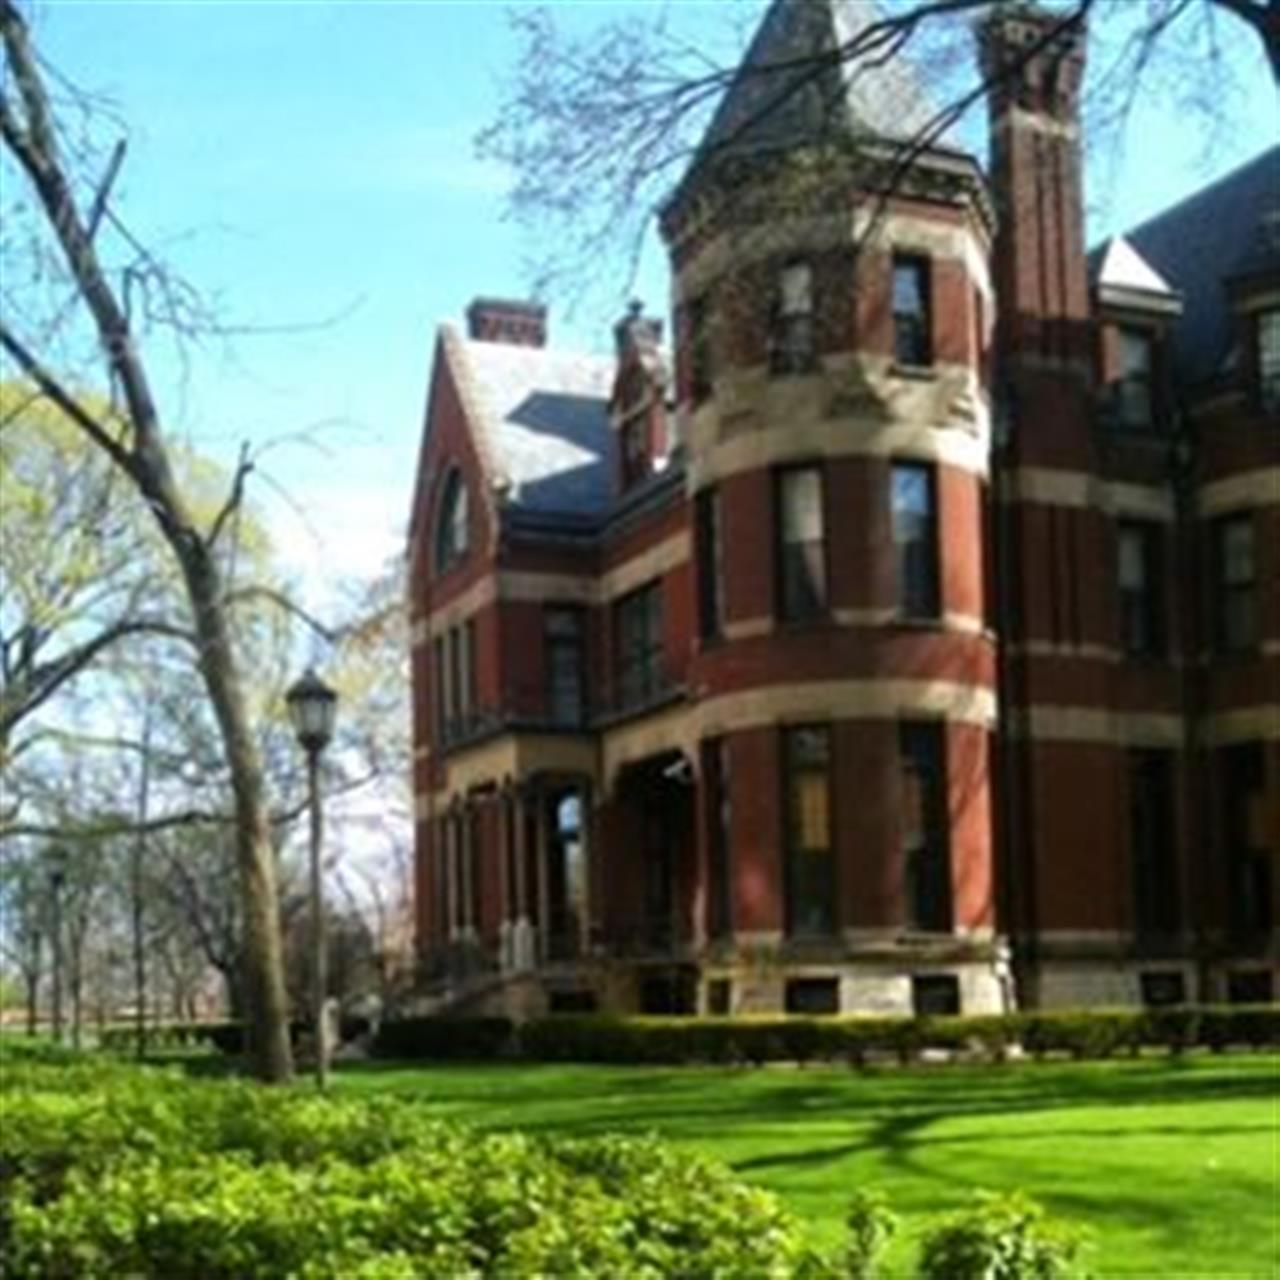 Homes of Melrose Park #leadingrelocal #melrosepark #chicago